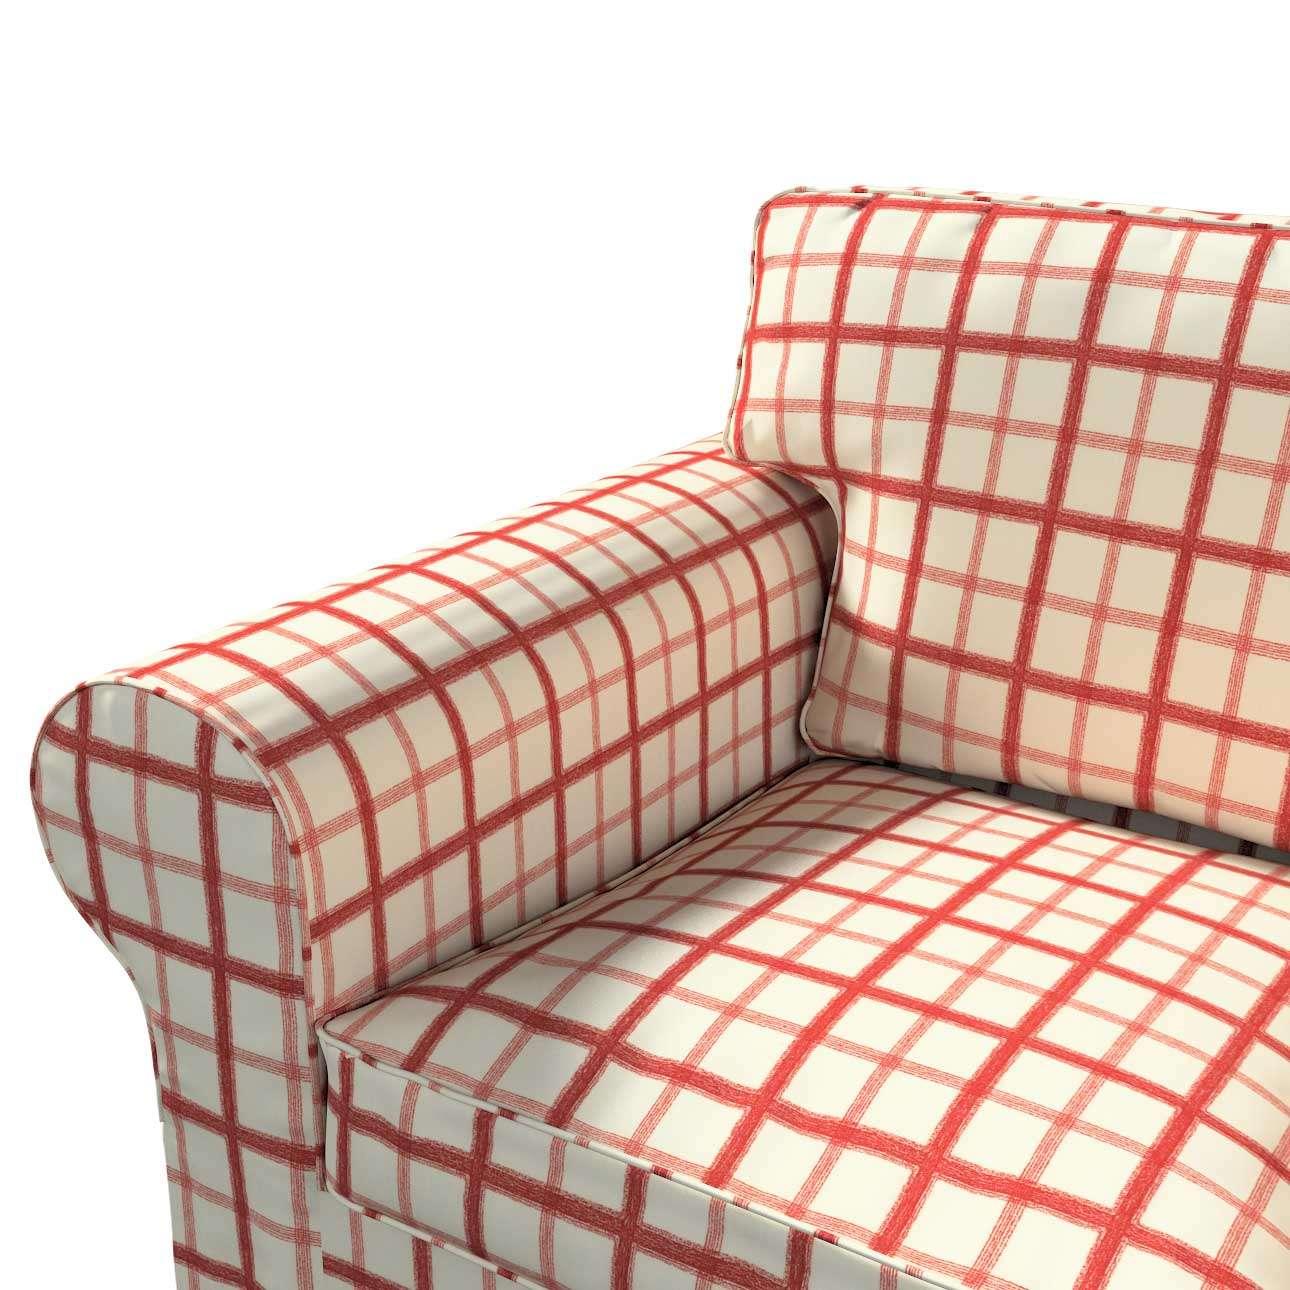 Pokrowiec na sofę Ektorp 2-osobową, nierozkładaną w kolekcji Avinon, tkanina: 131-15